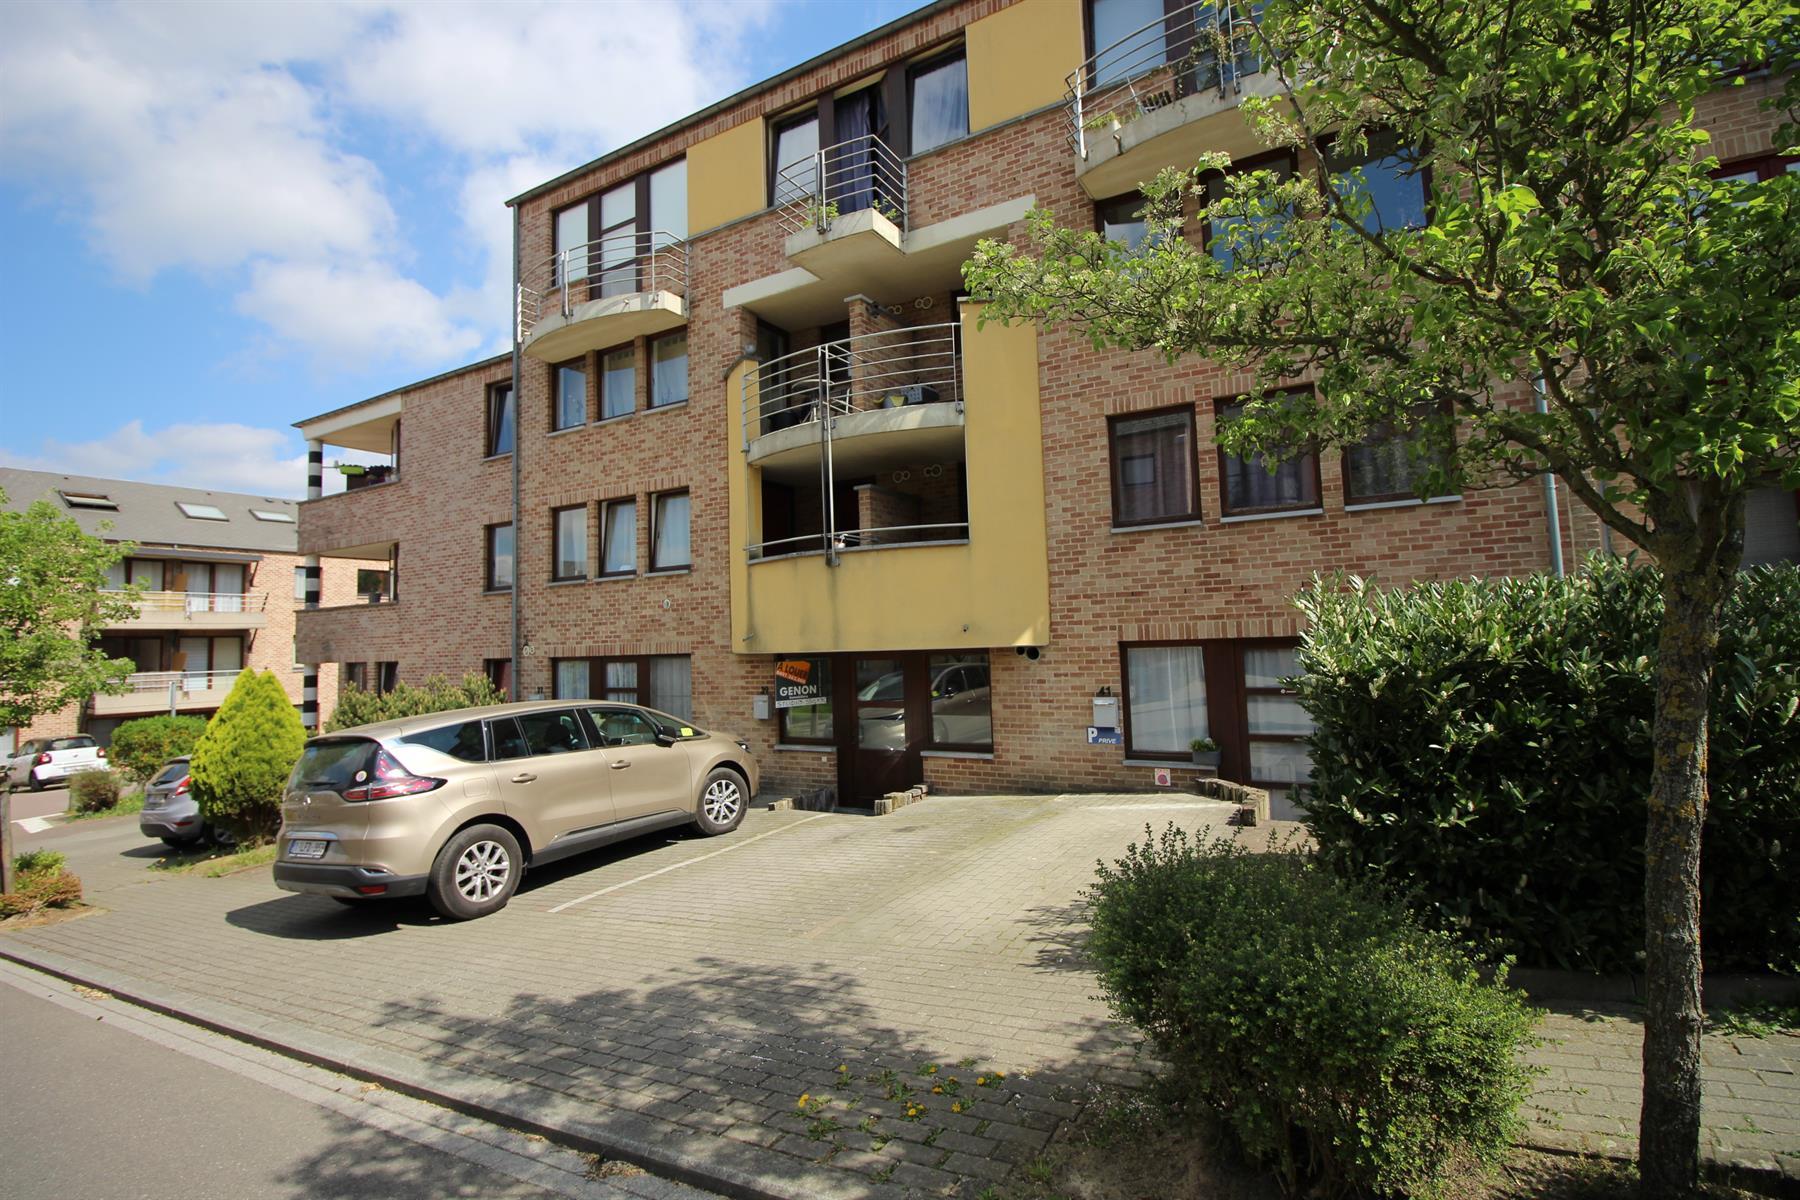 Studio - Ottignies-Louvain-la-Neuve - #4382353-0